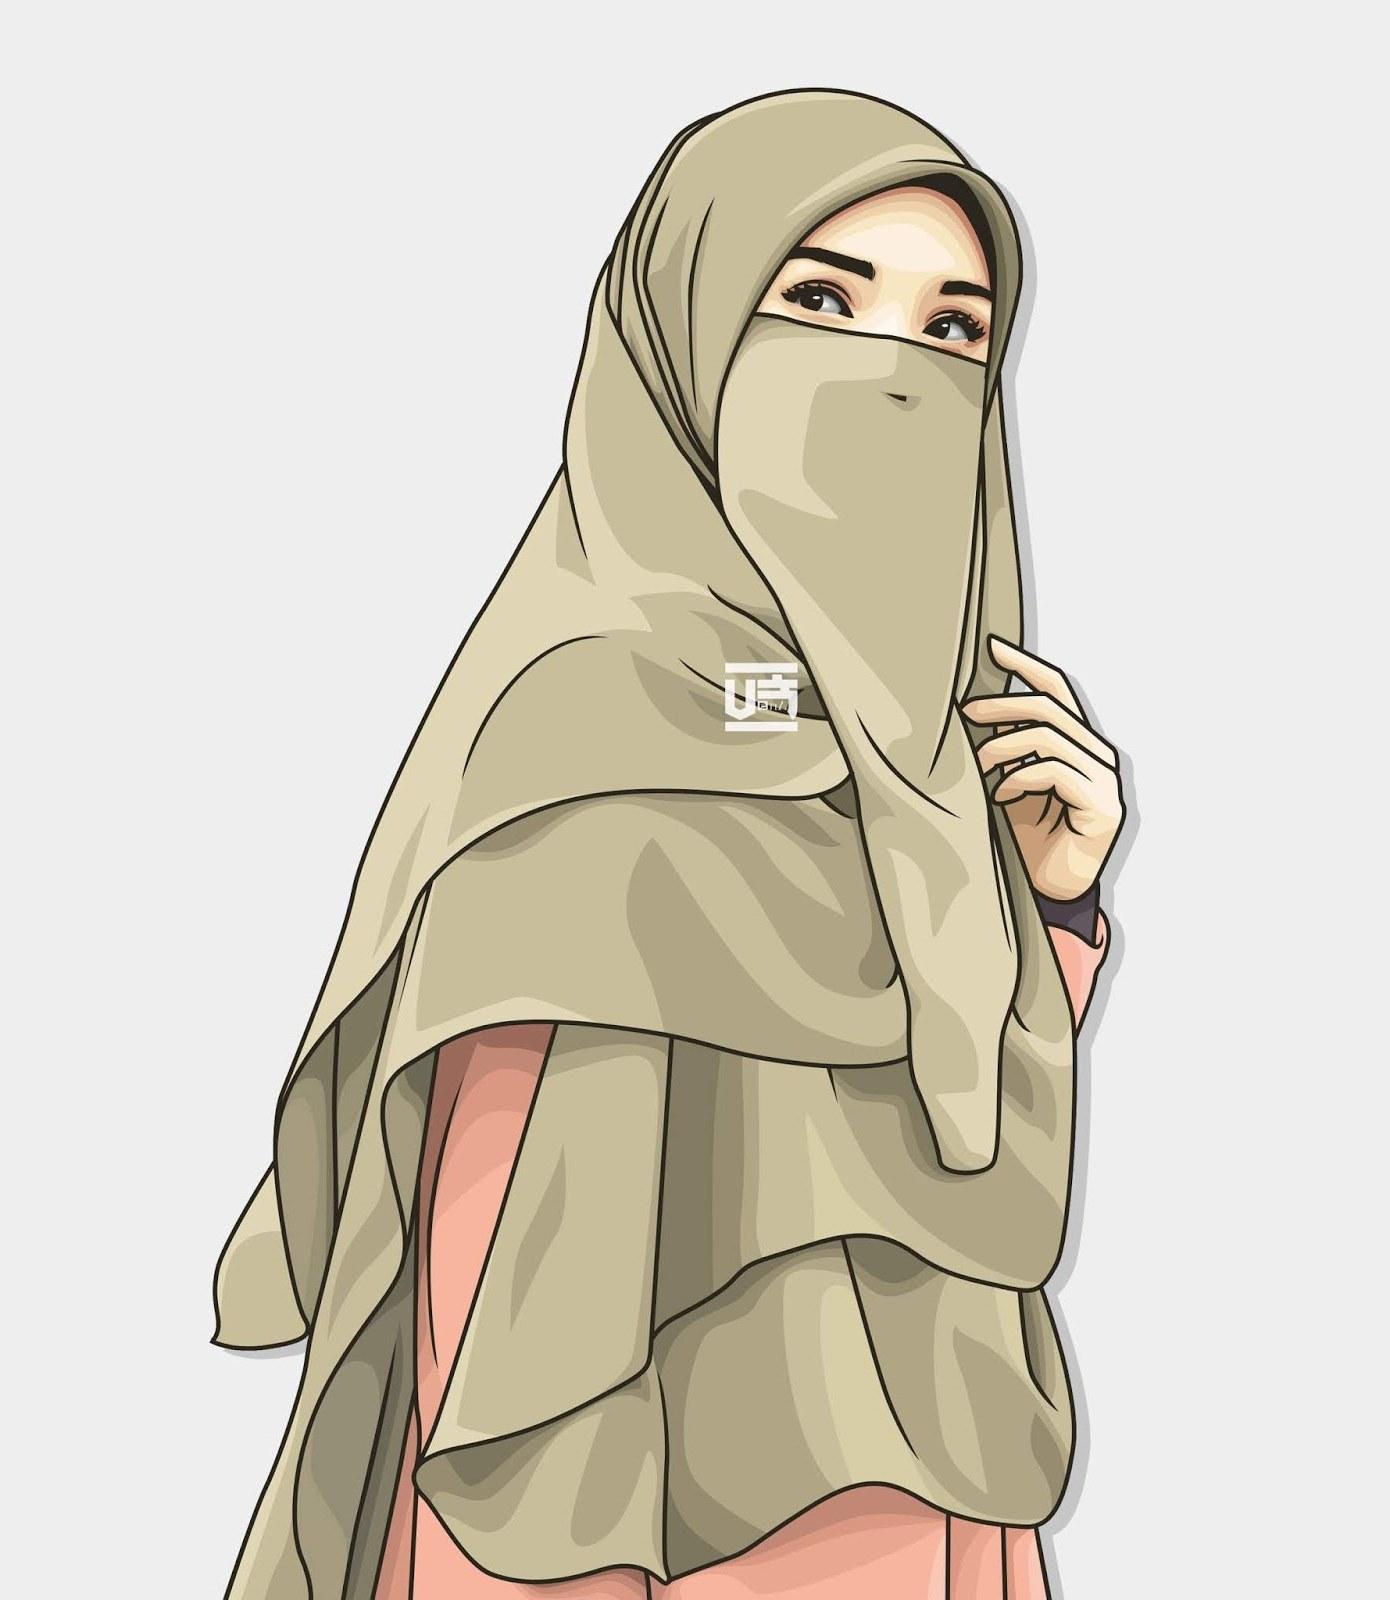 Design Muslimah Kartun Irdz Kumpulan Kartun Anime Muslimah Bercadar Blog Ely Setiawan